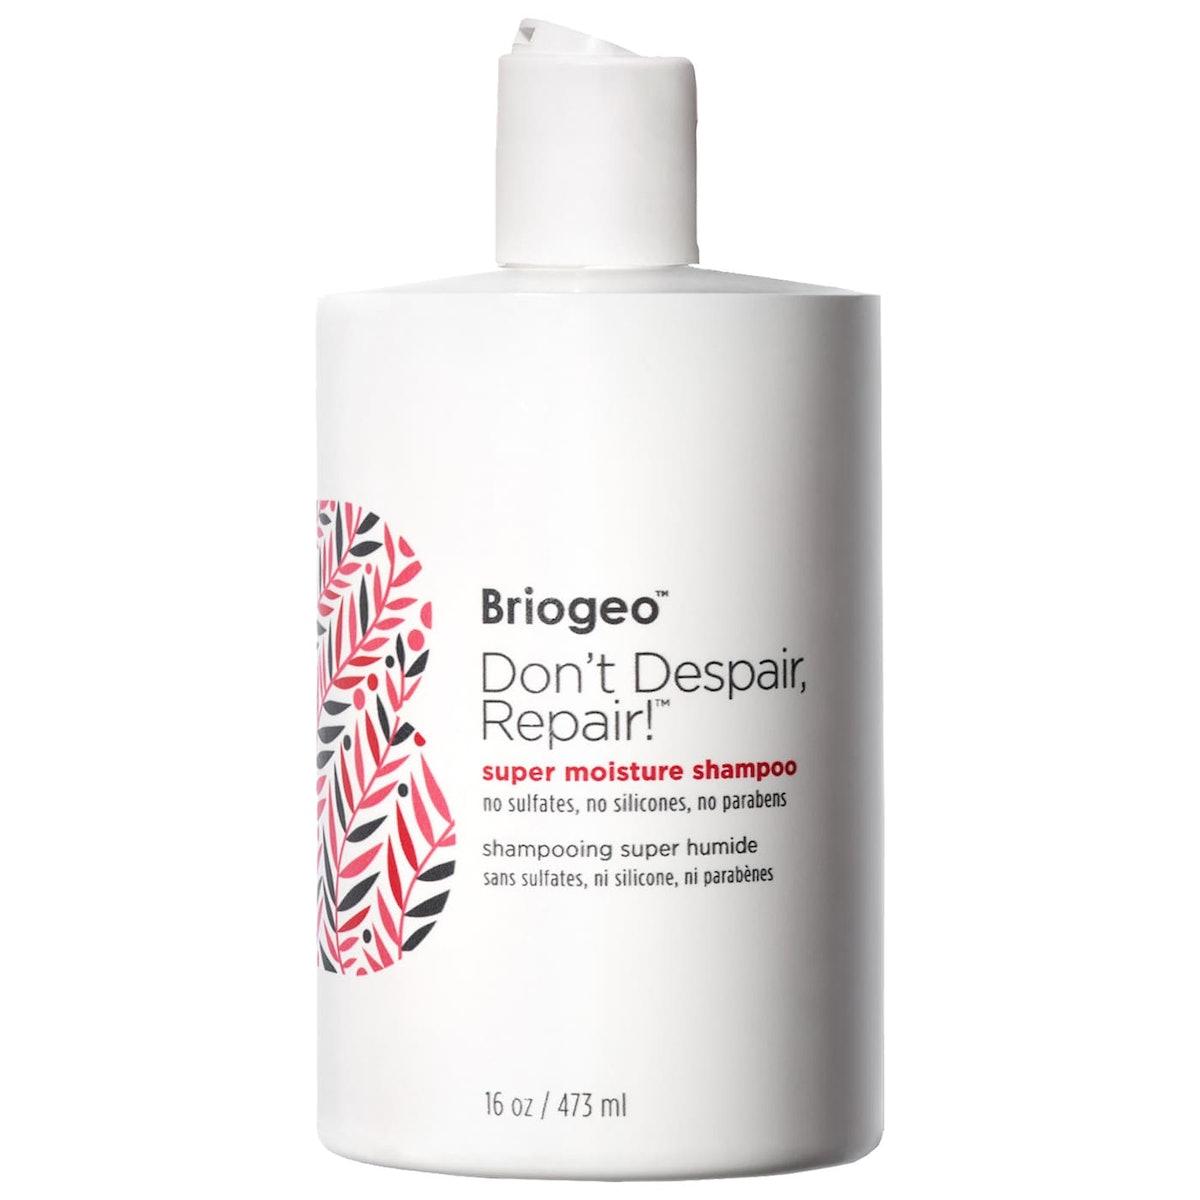 Briogeo Don't Despair, Repair! Super Moisture Shampoo